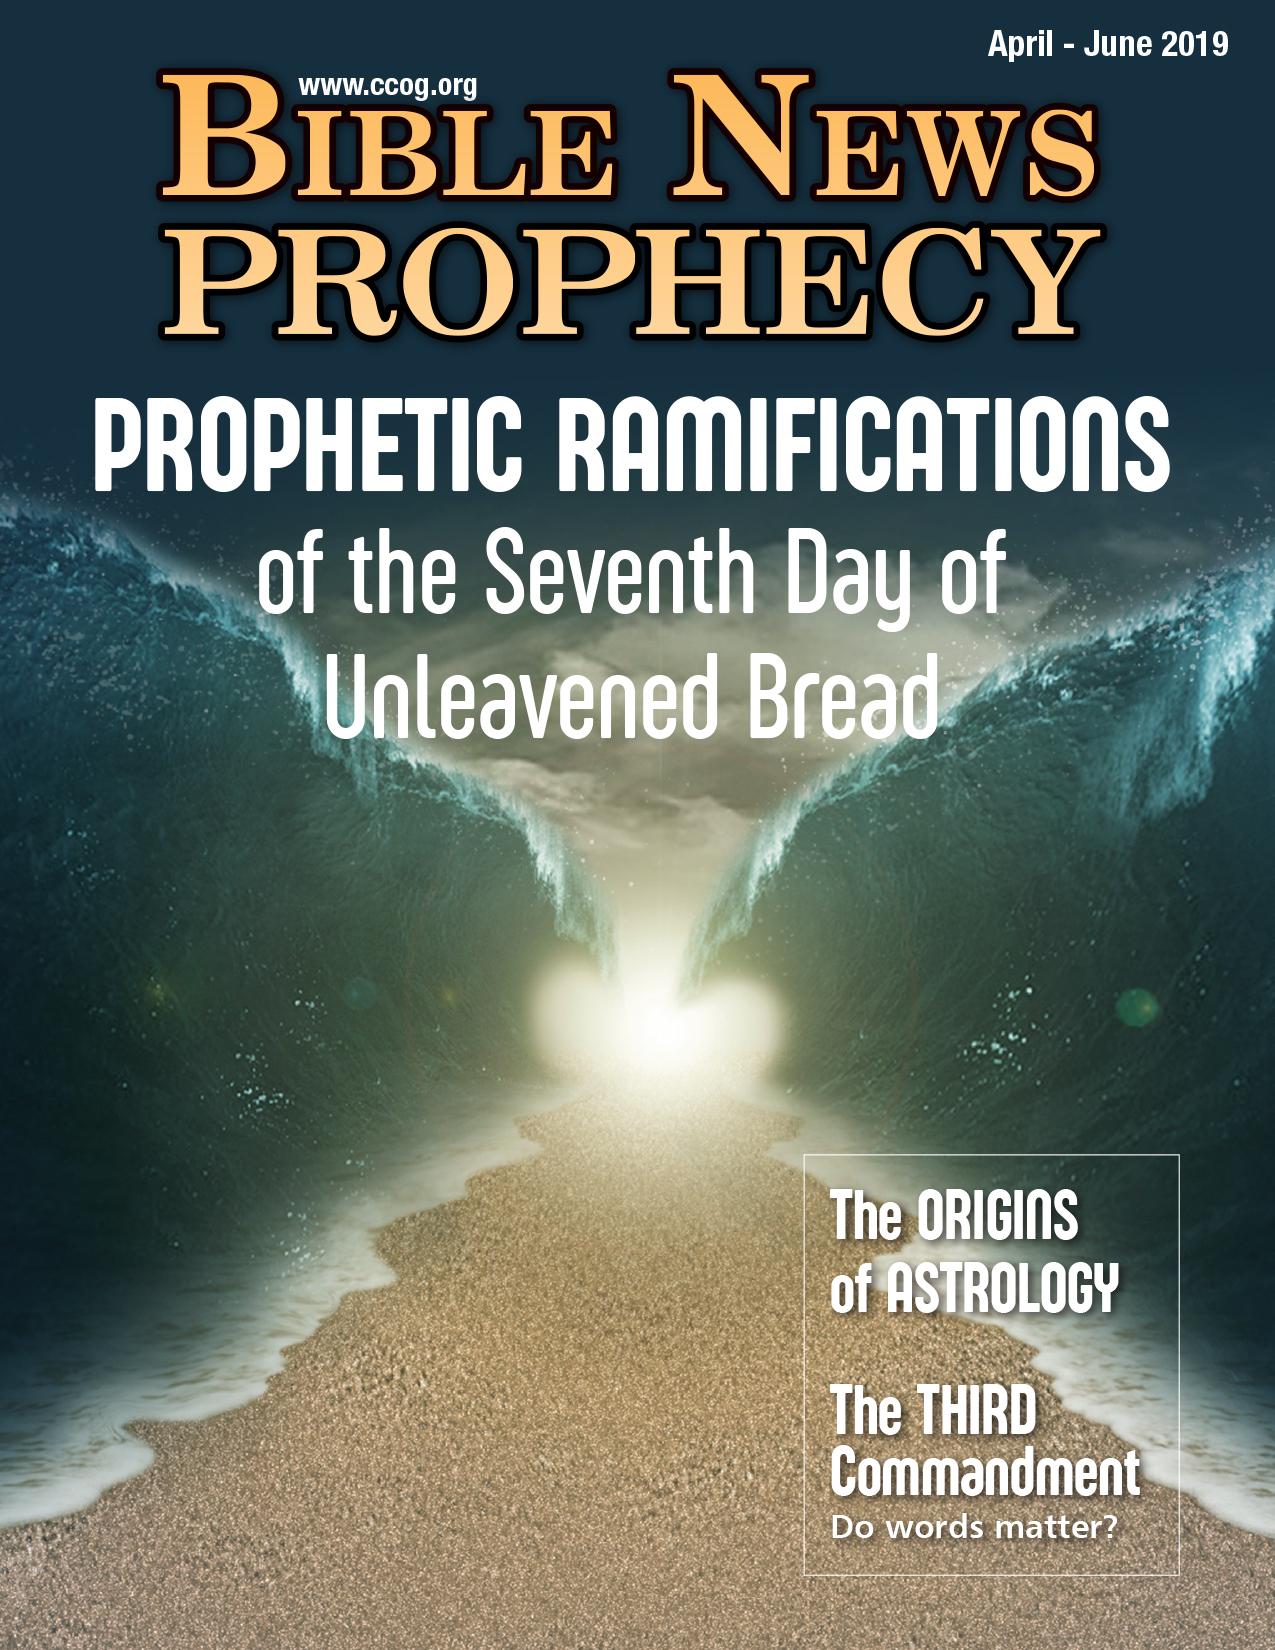 Bible News Prophecy April-June 2019